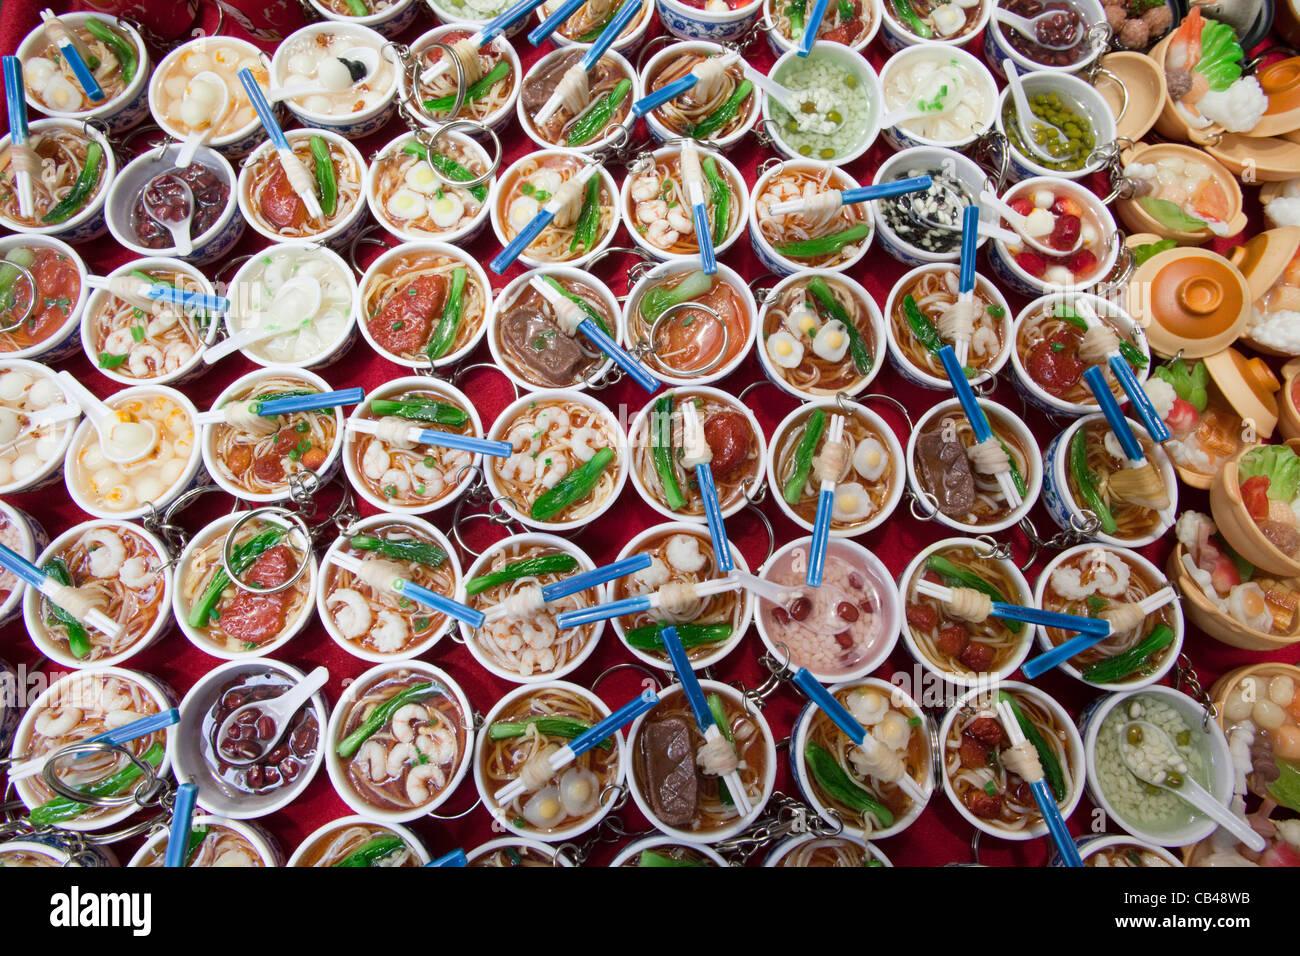 China, Hong Kong, Stanley Market, una tienda de souvenirs llaveros de chinos cuencos de alimentos Imagen De Stock